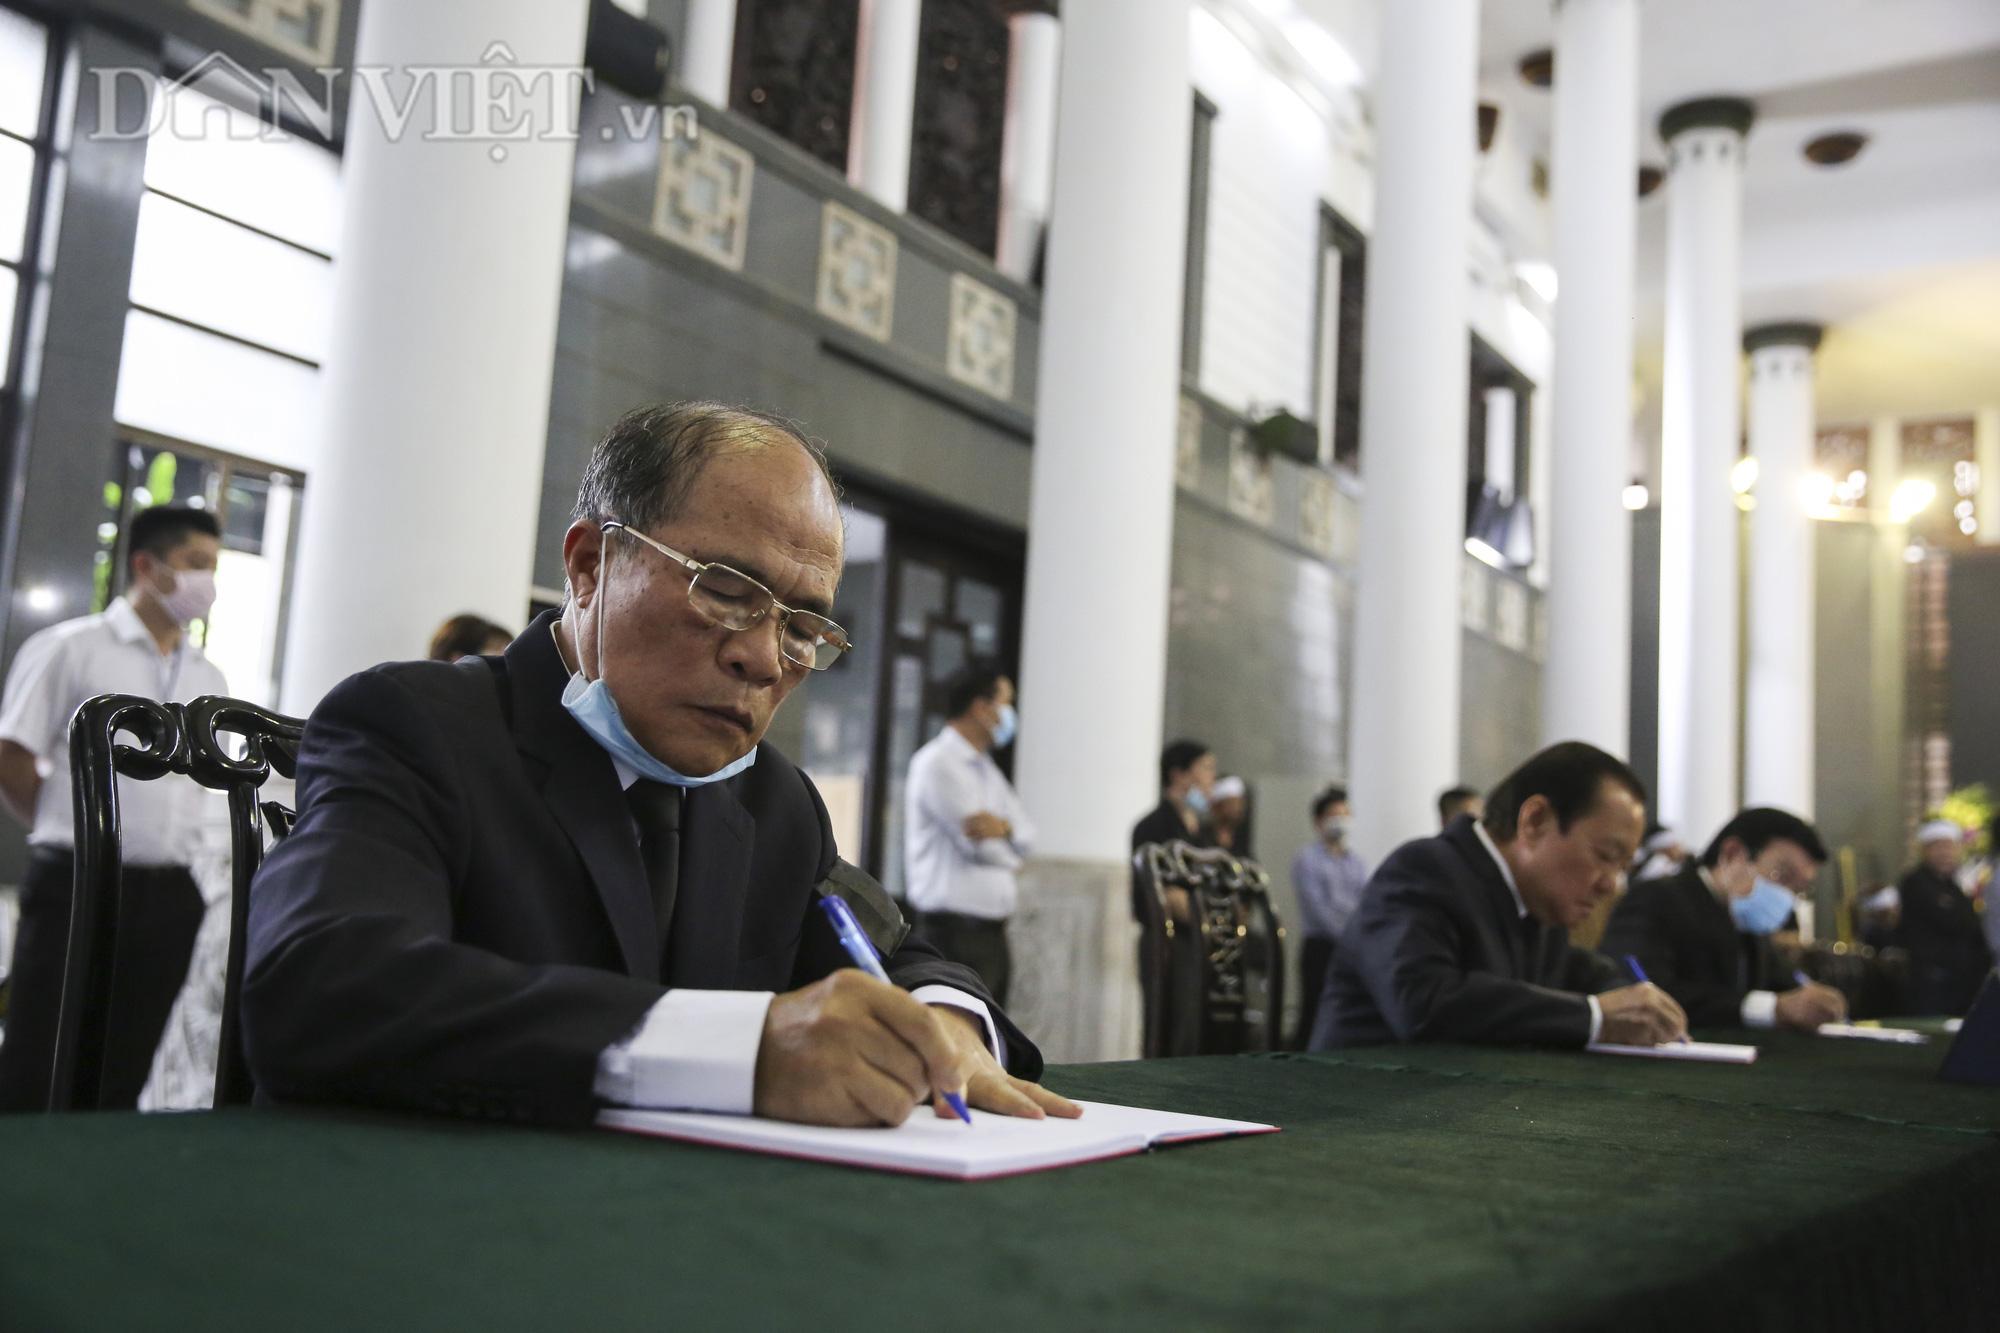 Thủ tướng đến viếng, tiễn đưa đồng chí Nguyễn Đình Hương - Ảnh 13.